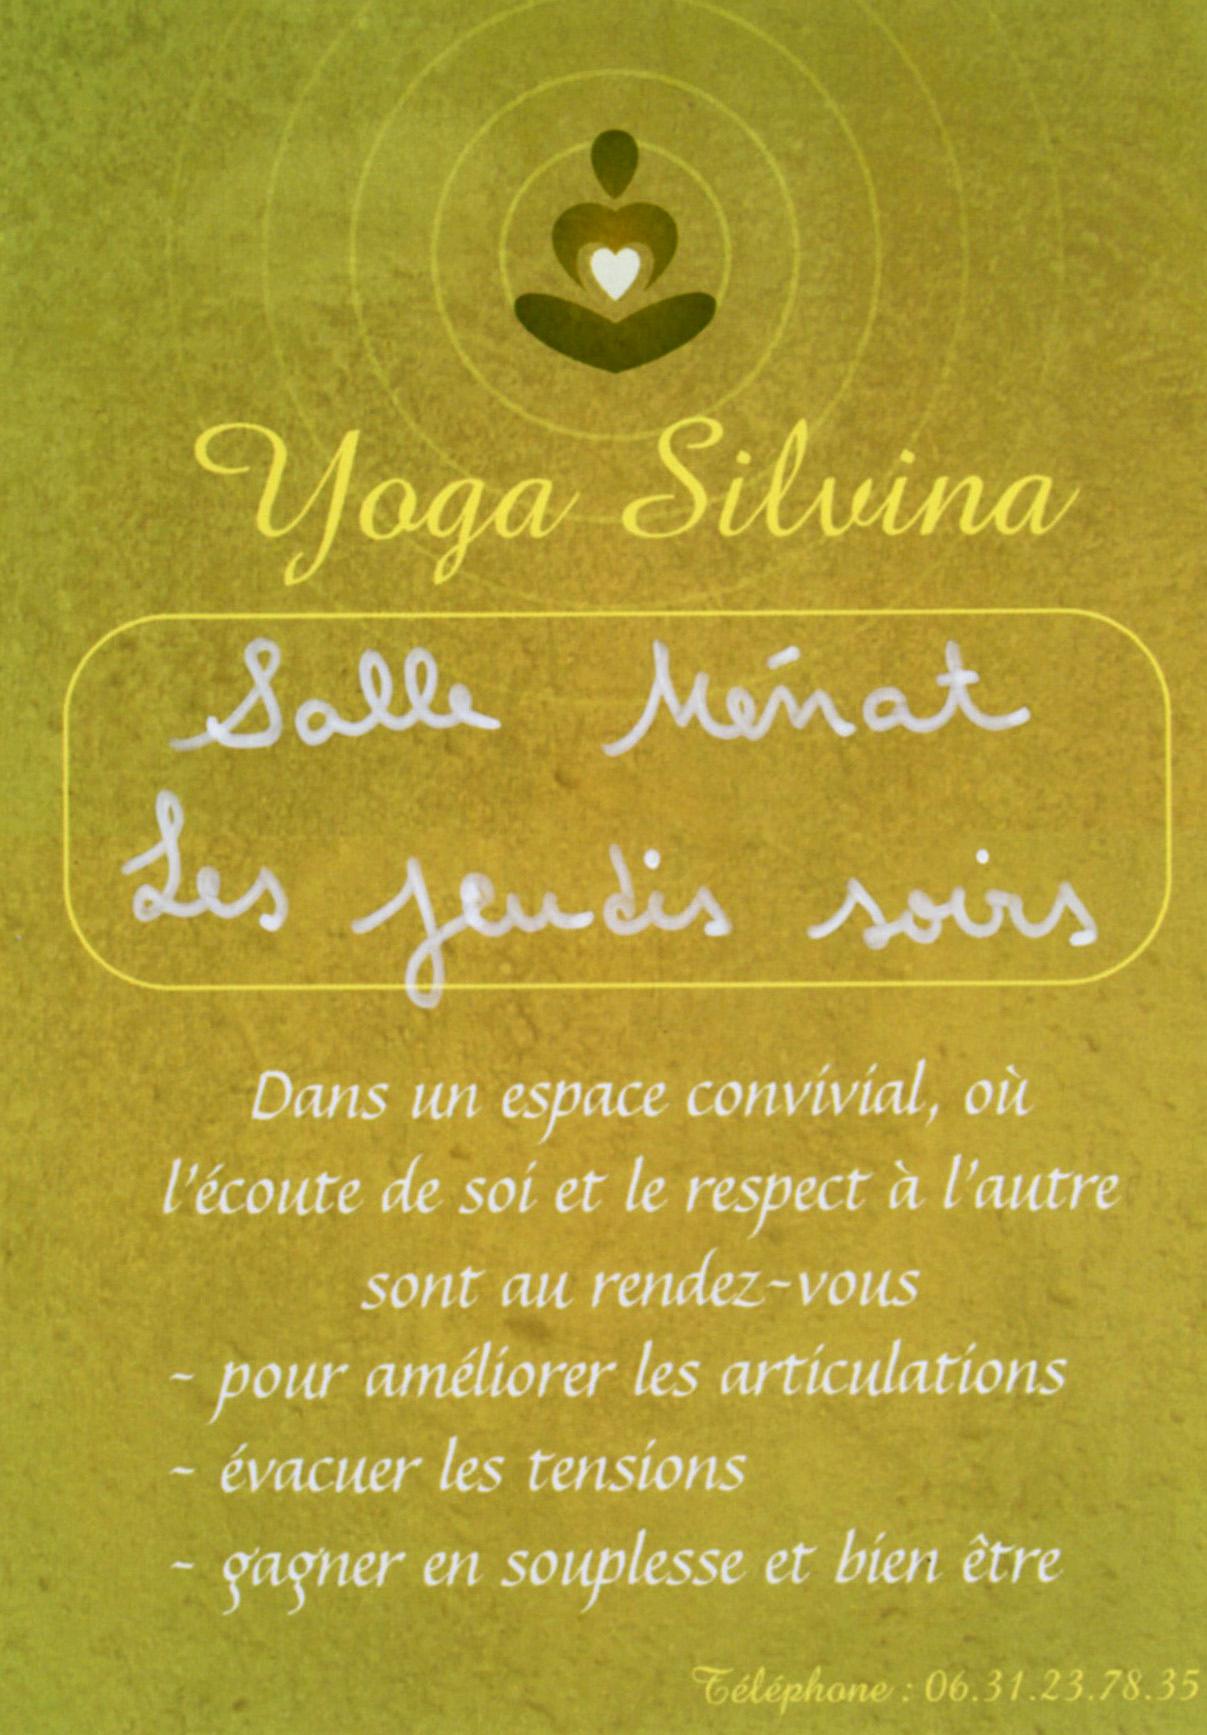 Aménager Une Salle De Yoga 03-09 : maslacq => reprise des cours de yoga